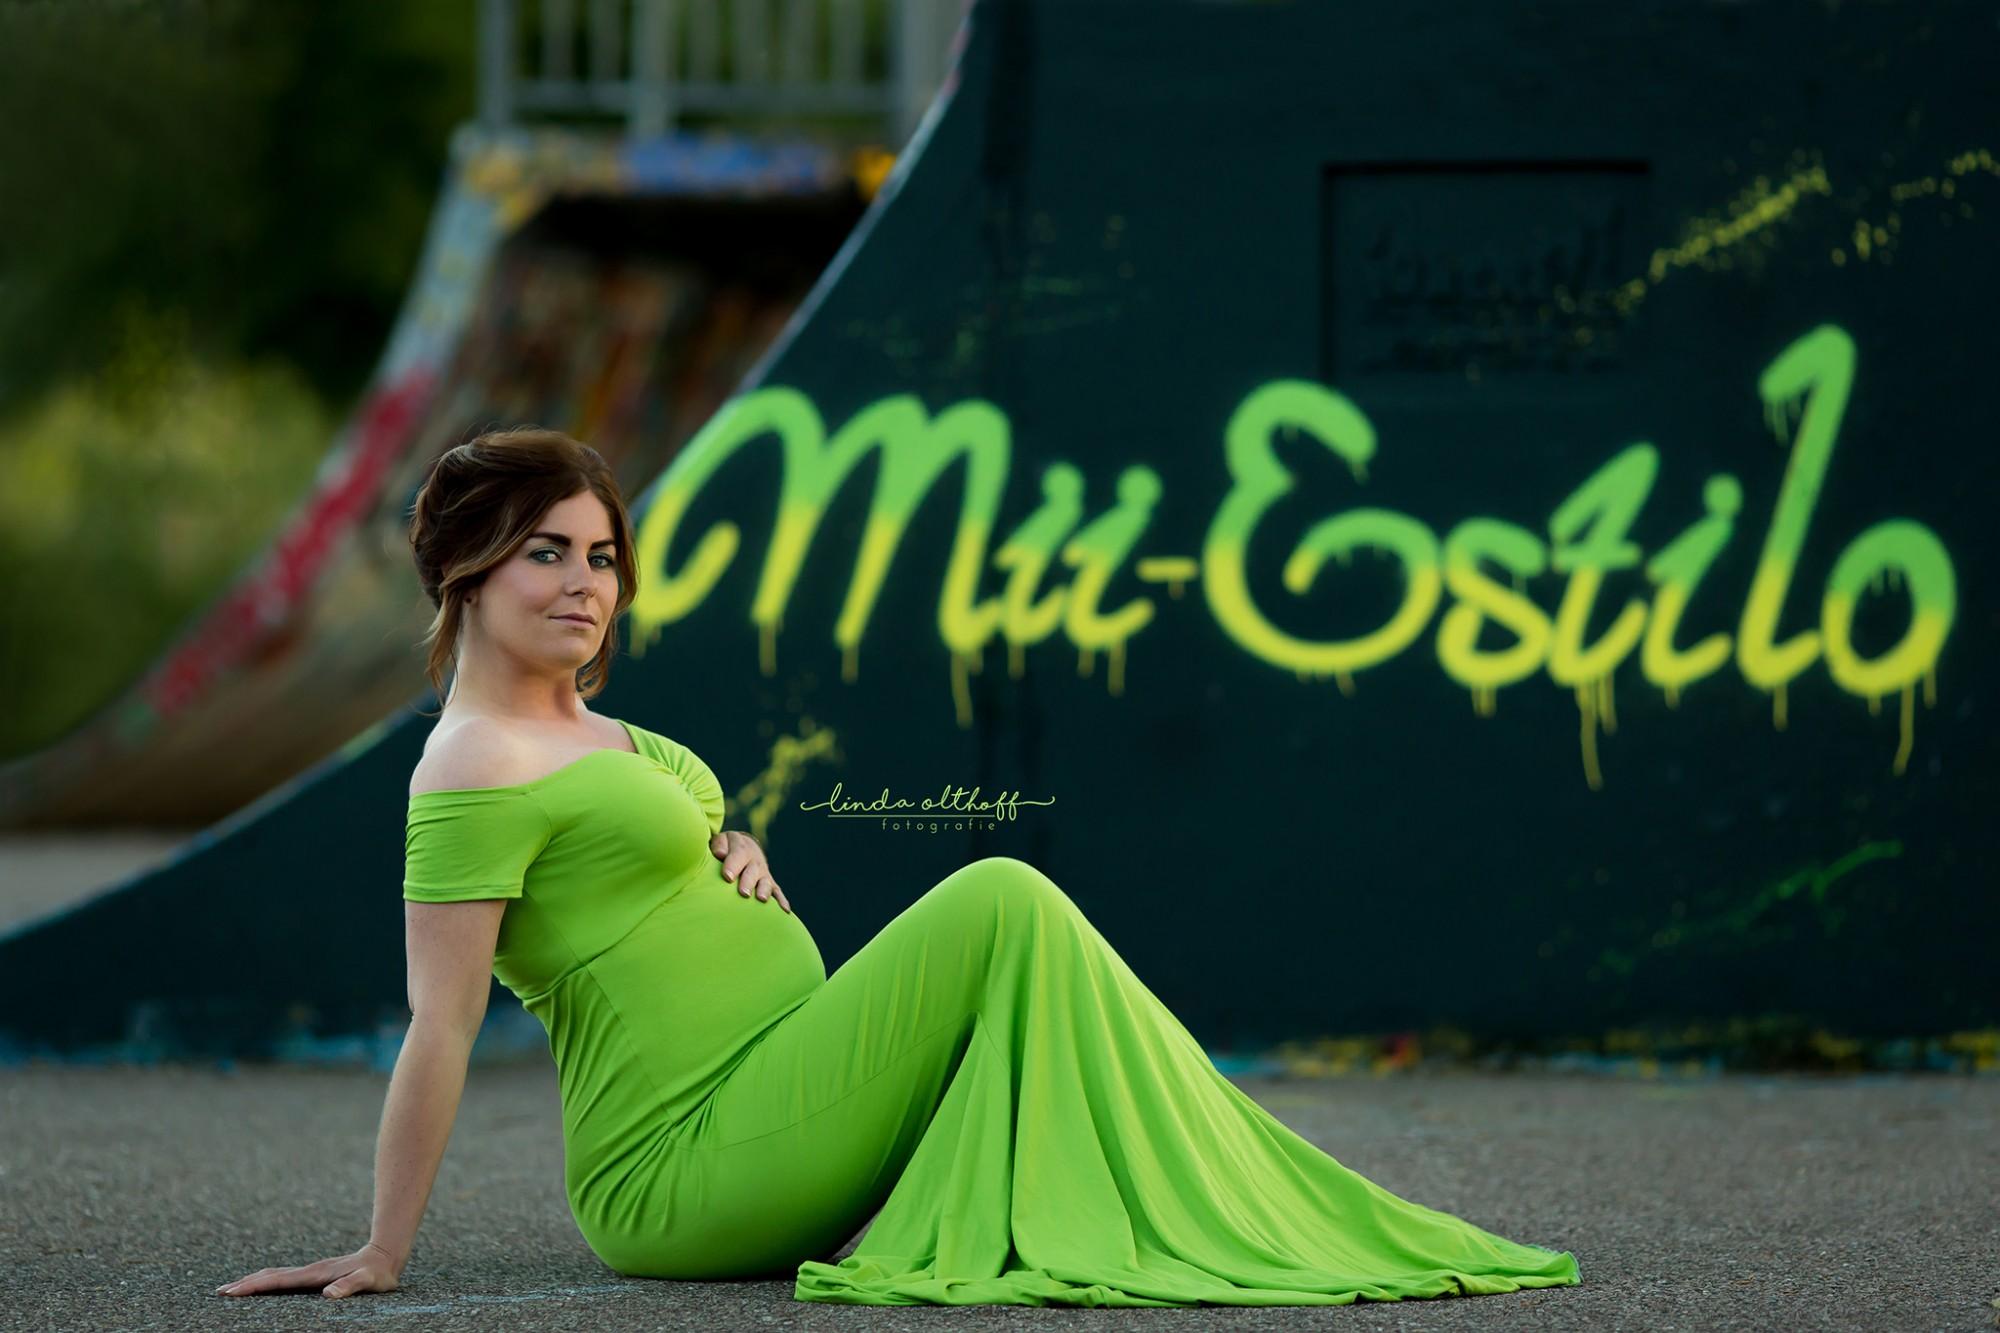 Pinkstudio by Angelina Devine Maternityshoot-The-Green-Dress-Mii-Estilo-Linda-Olthoff-Fotografie-fb07 Den grønne kjole - del 1 graviditet Nyheder Portræt Tilbud